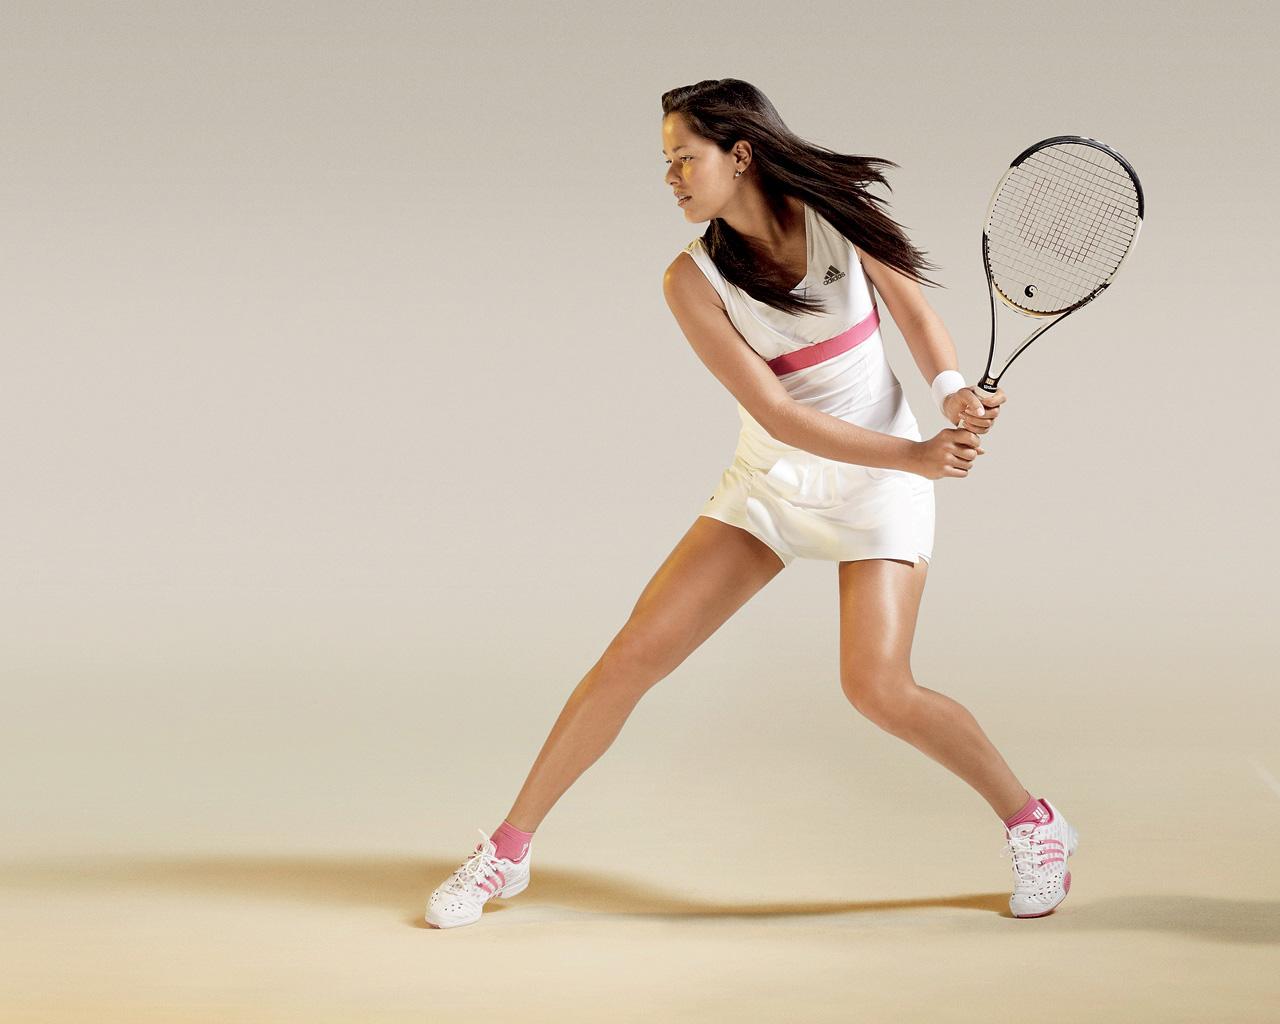 Какая бывает одежда для большого тенниса?